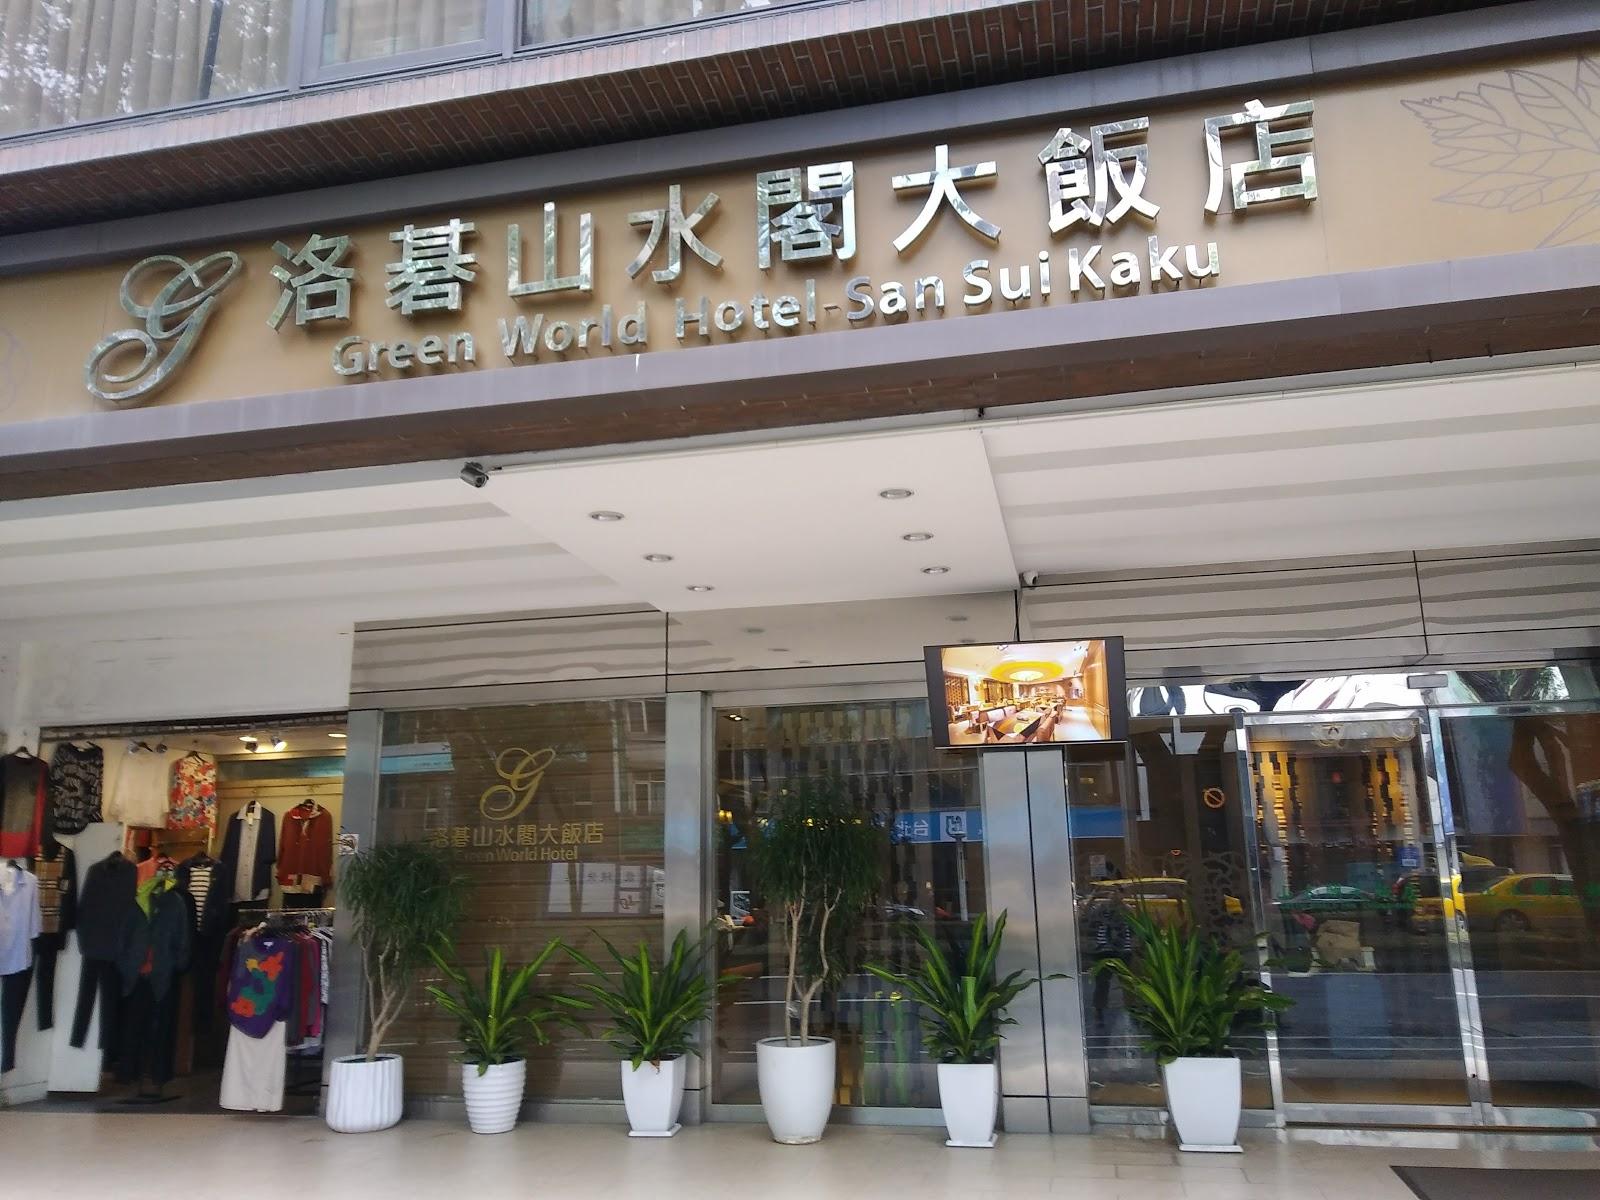 Taiwan Taipei Green World Sansui Hotel 40 50